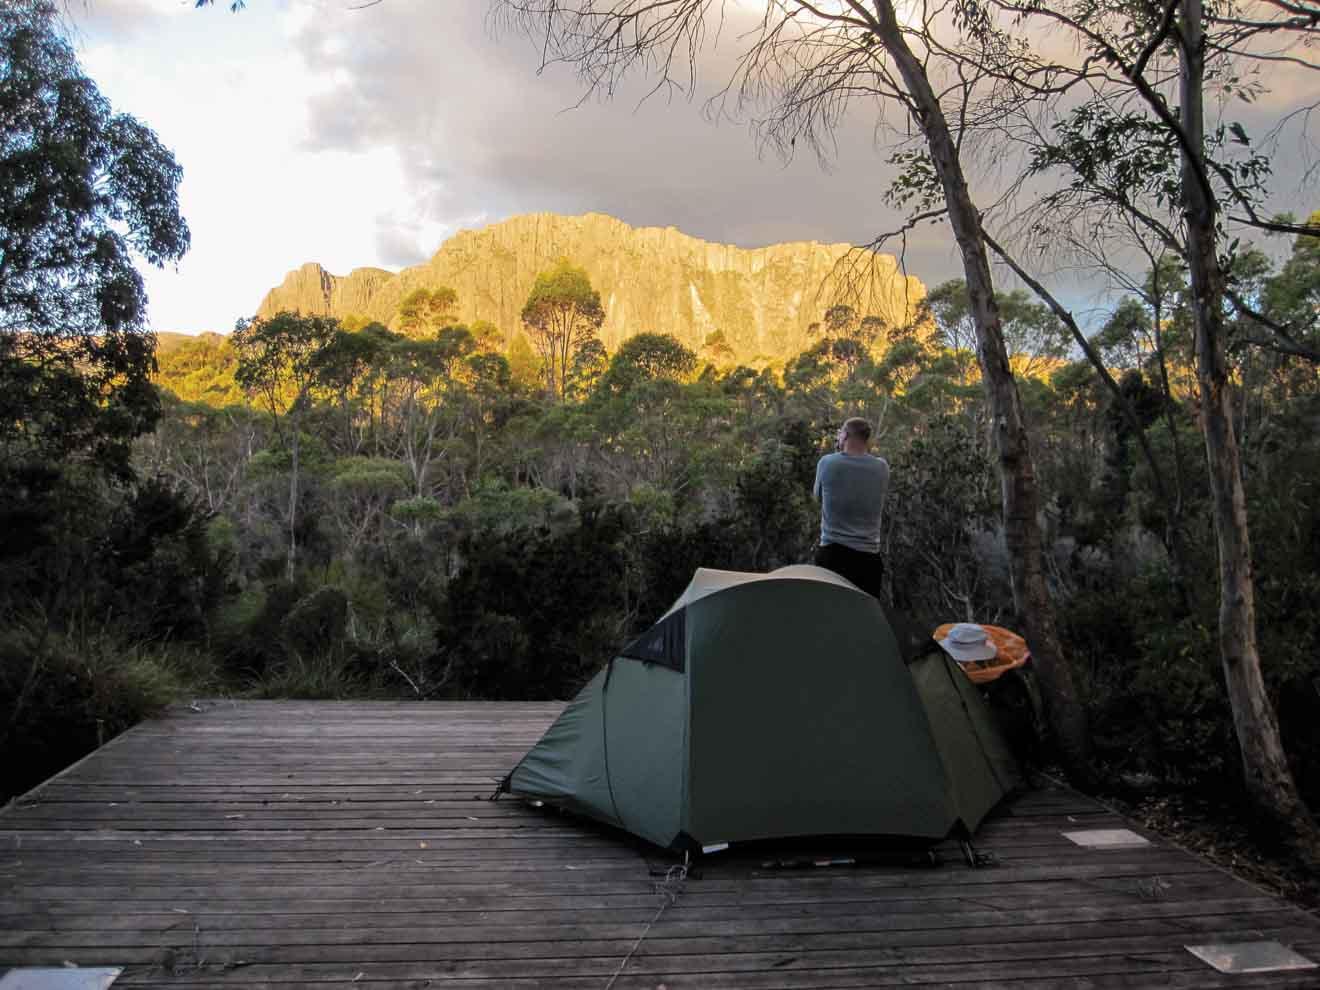 Montagne de la cathédrale au coucher du soleil, visite du camping Overland Track